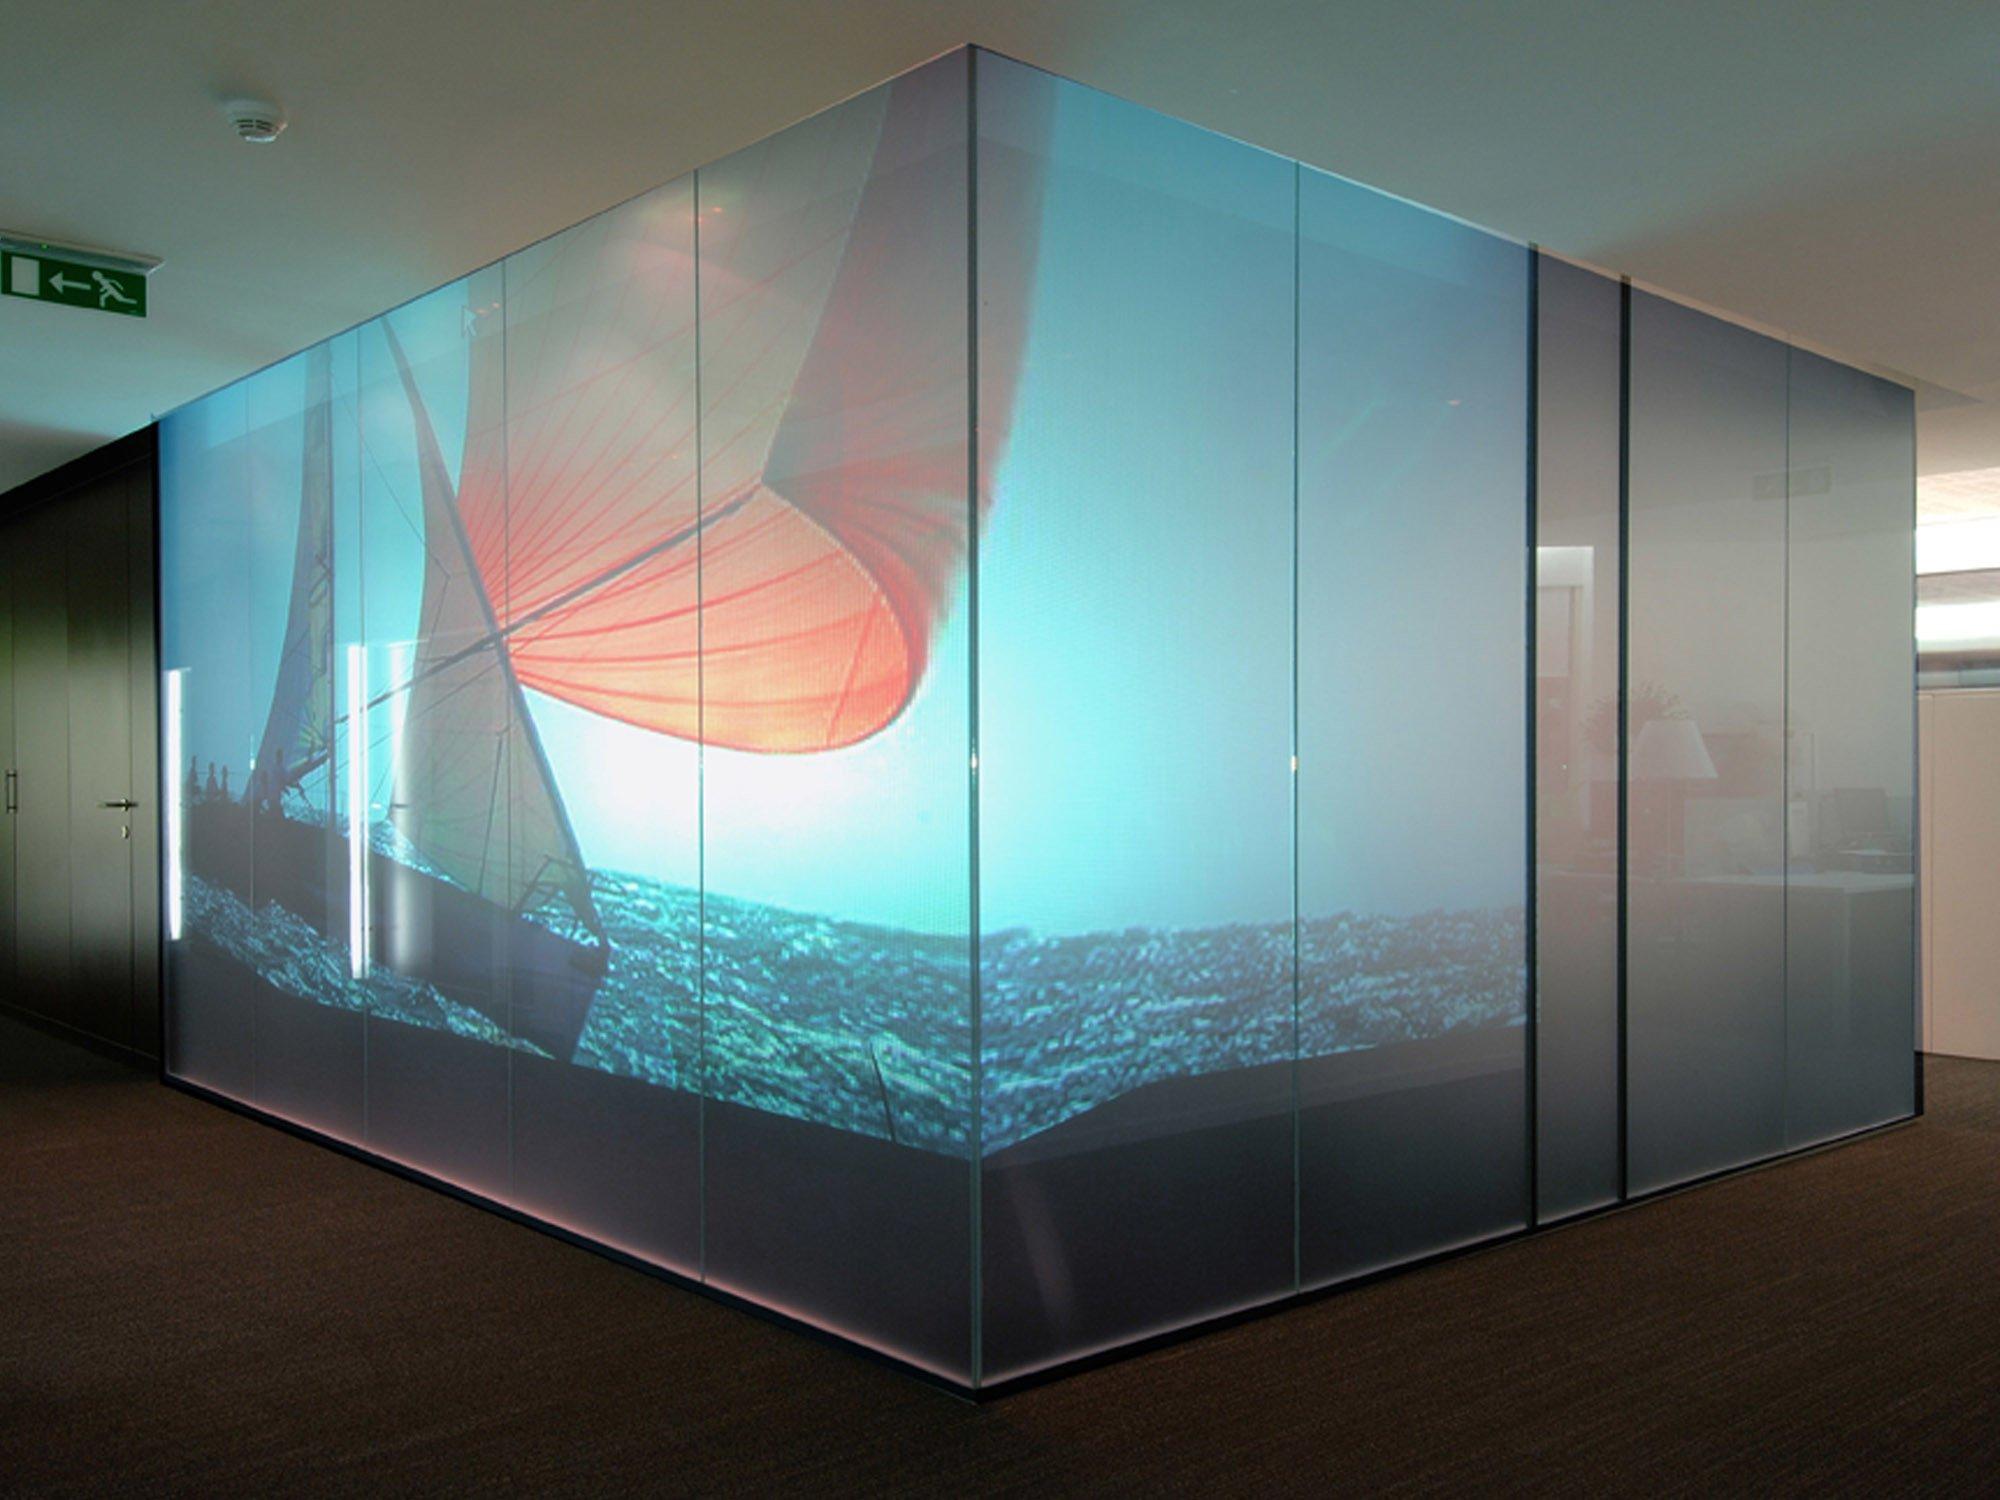 schaltbares verbundglas glas news produkte baunetz. Black Bedroom Furniture Sets. Home Design Ideas